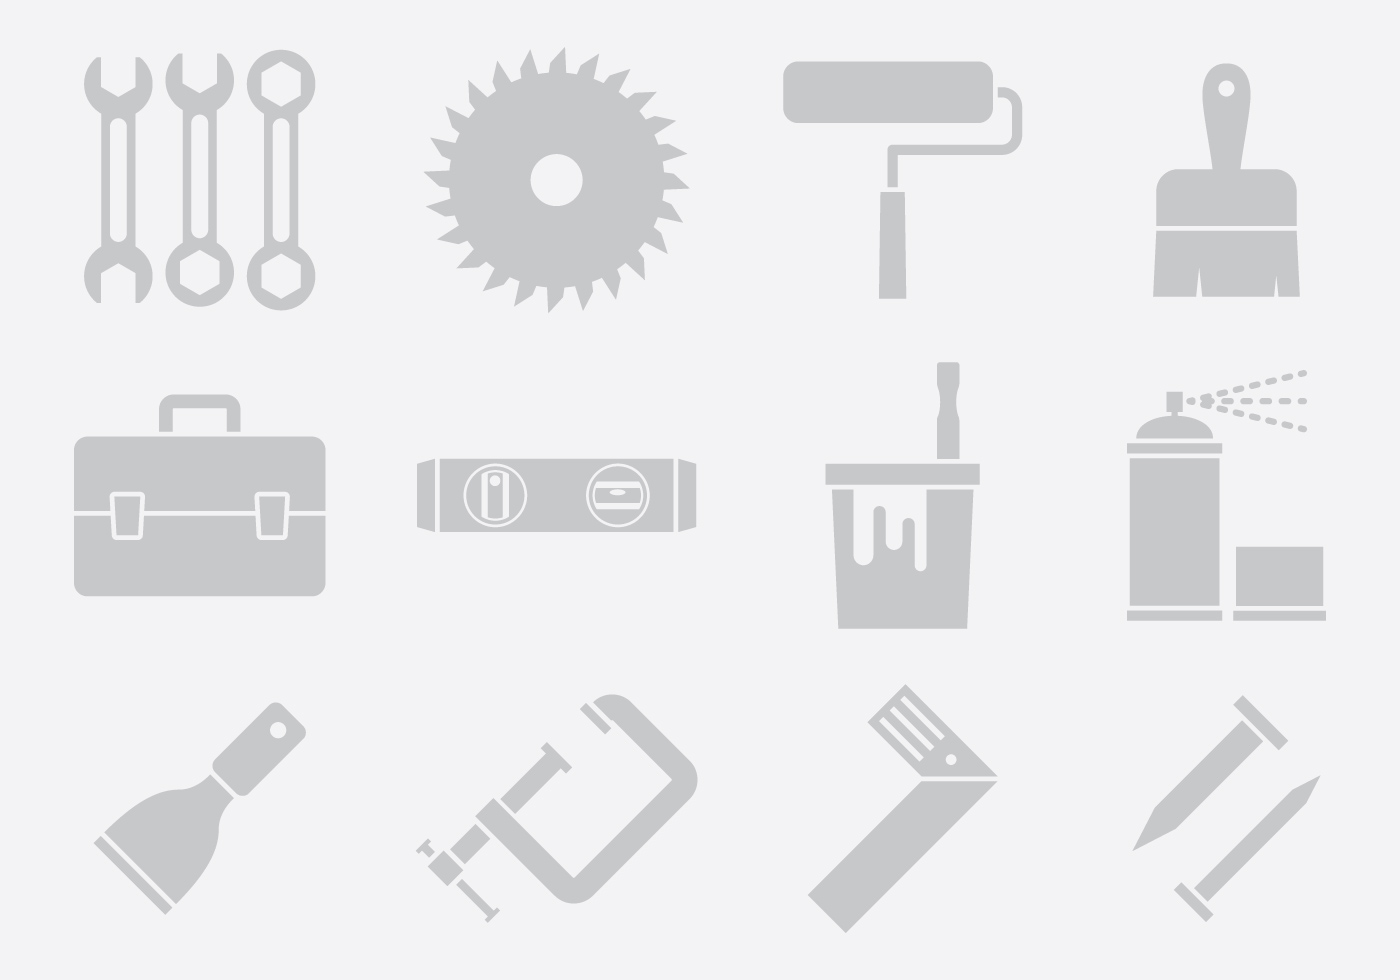 工具 icon 免費下載 | 天天瘋後製